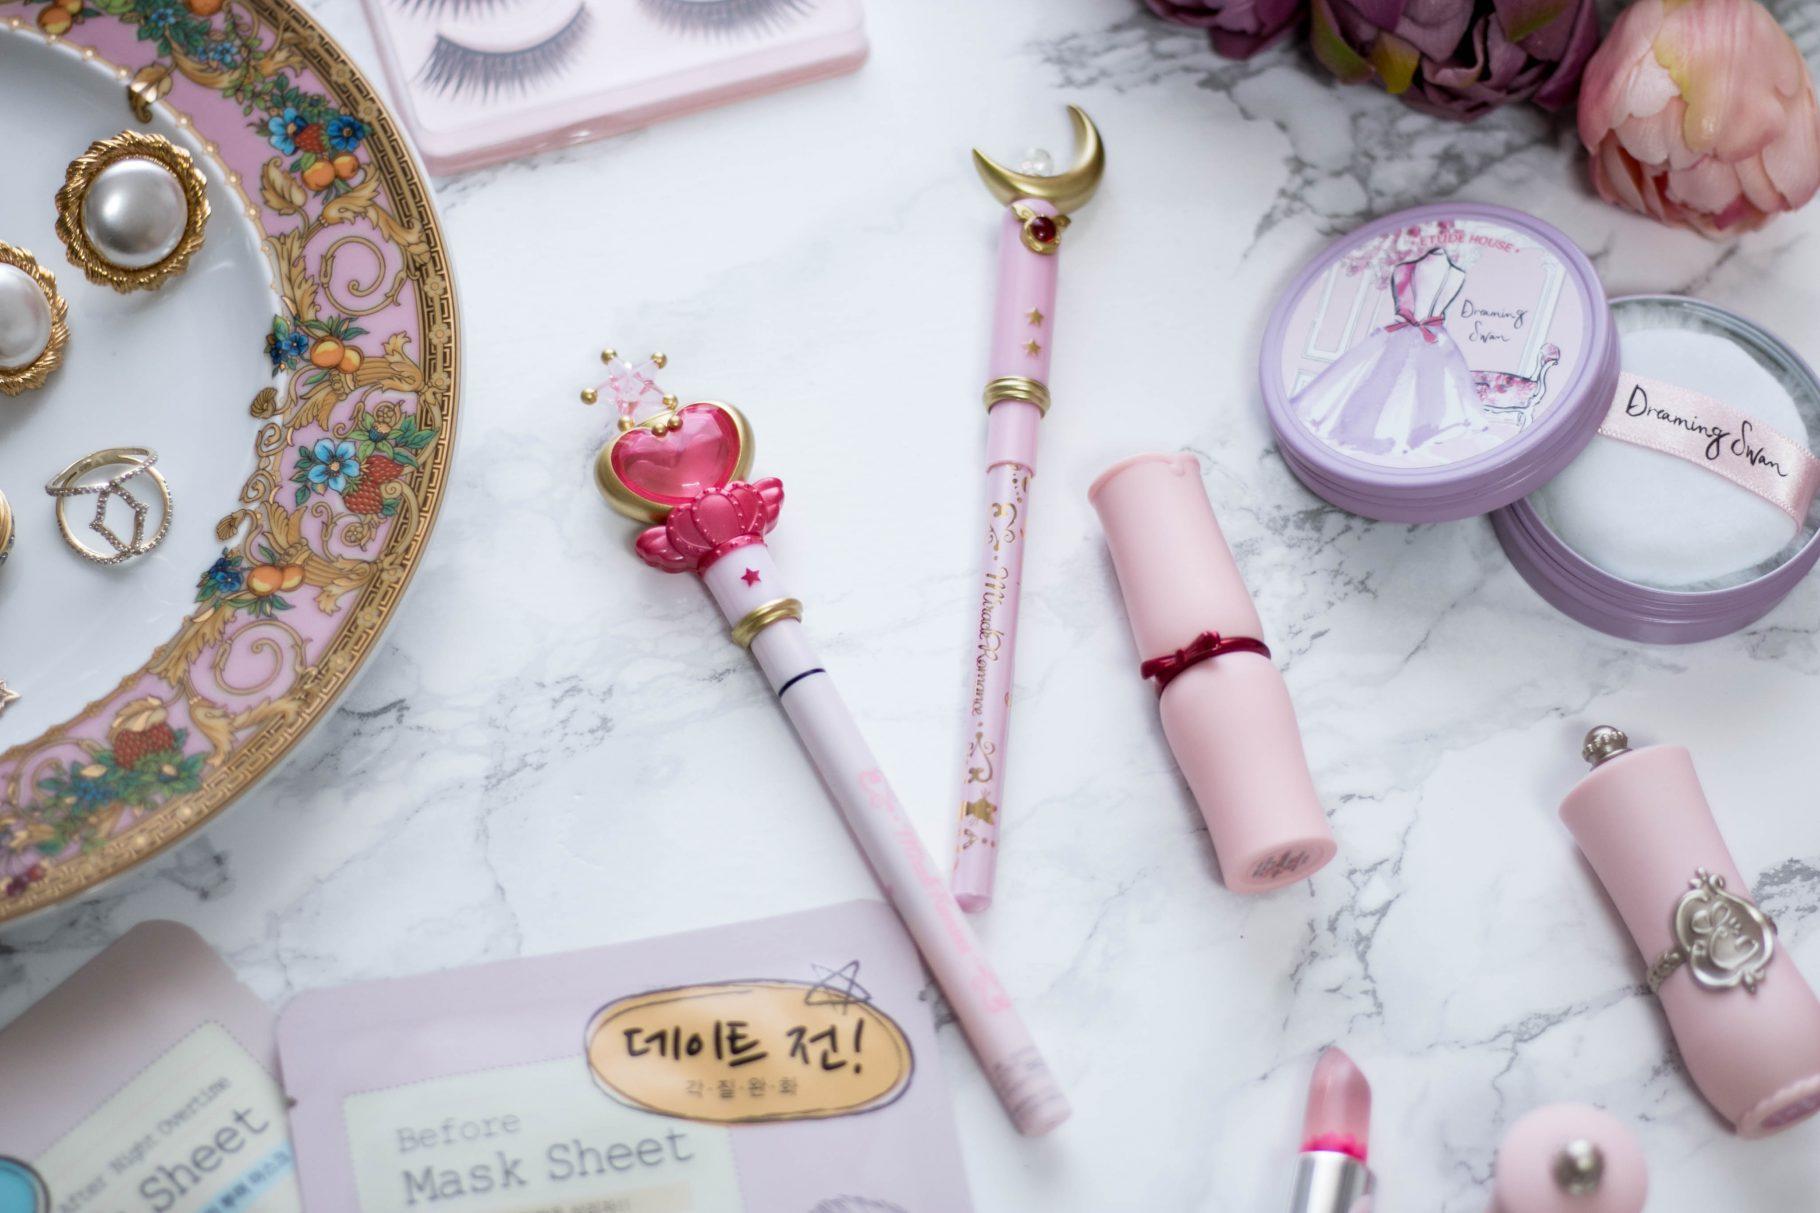 10 Asiatische Beauty Marken, die man kennen sollte